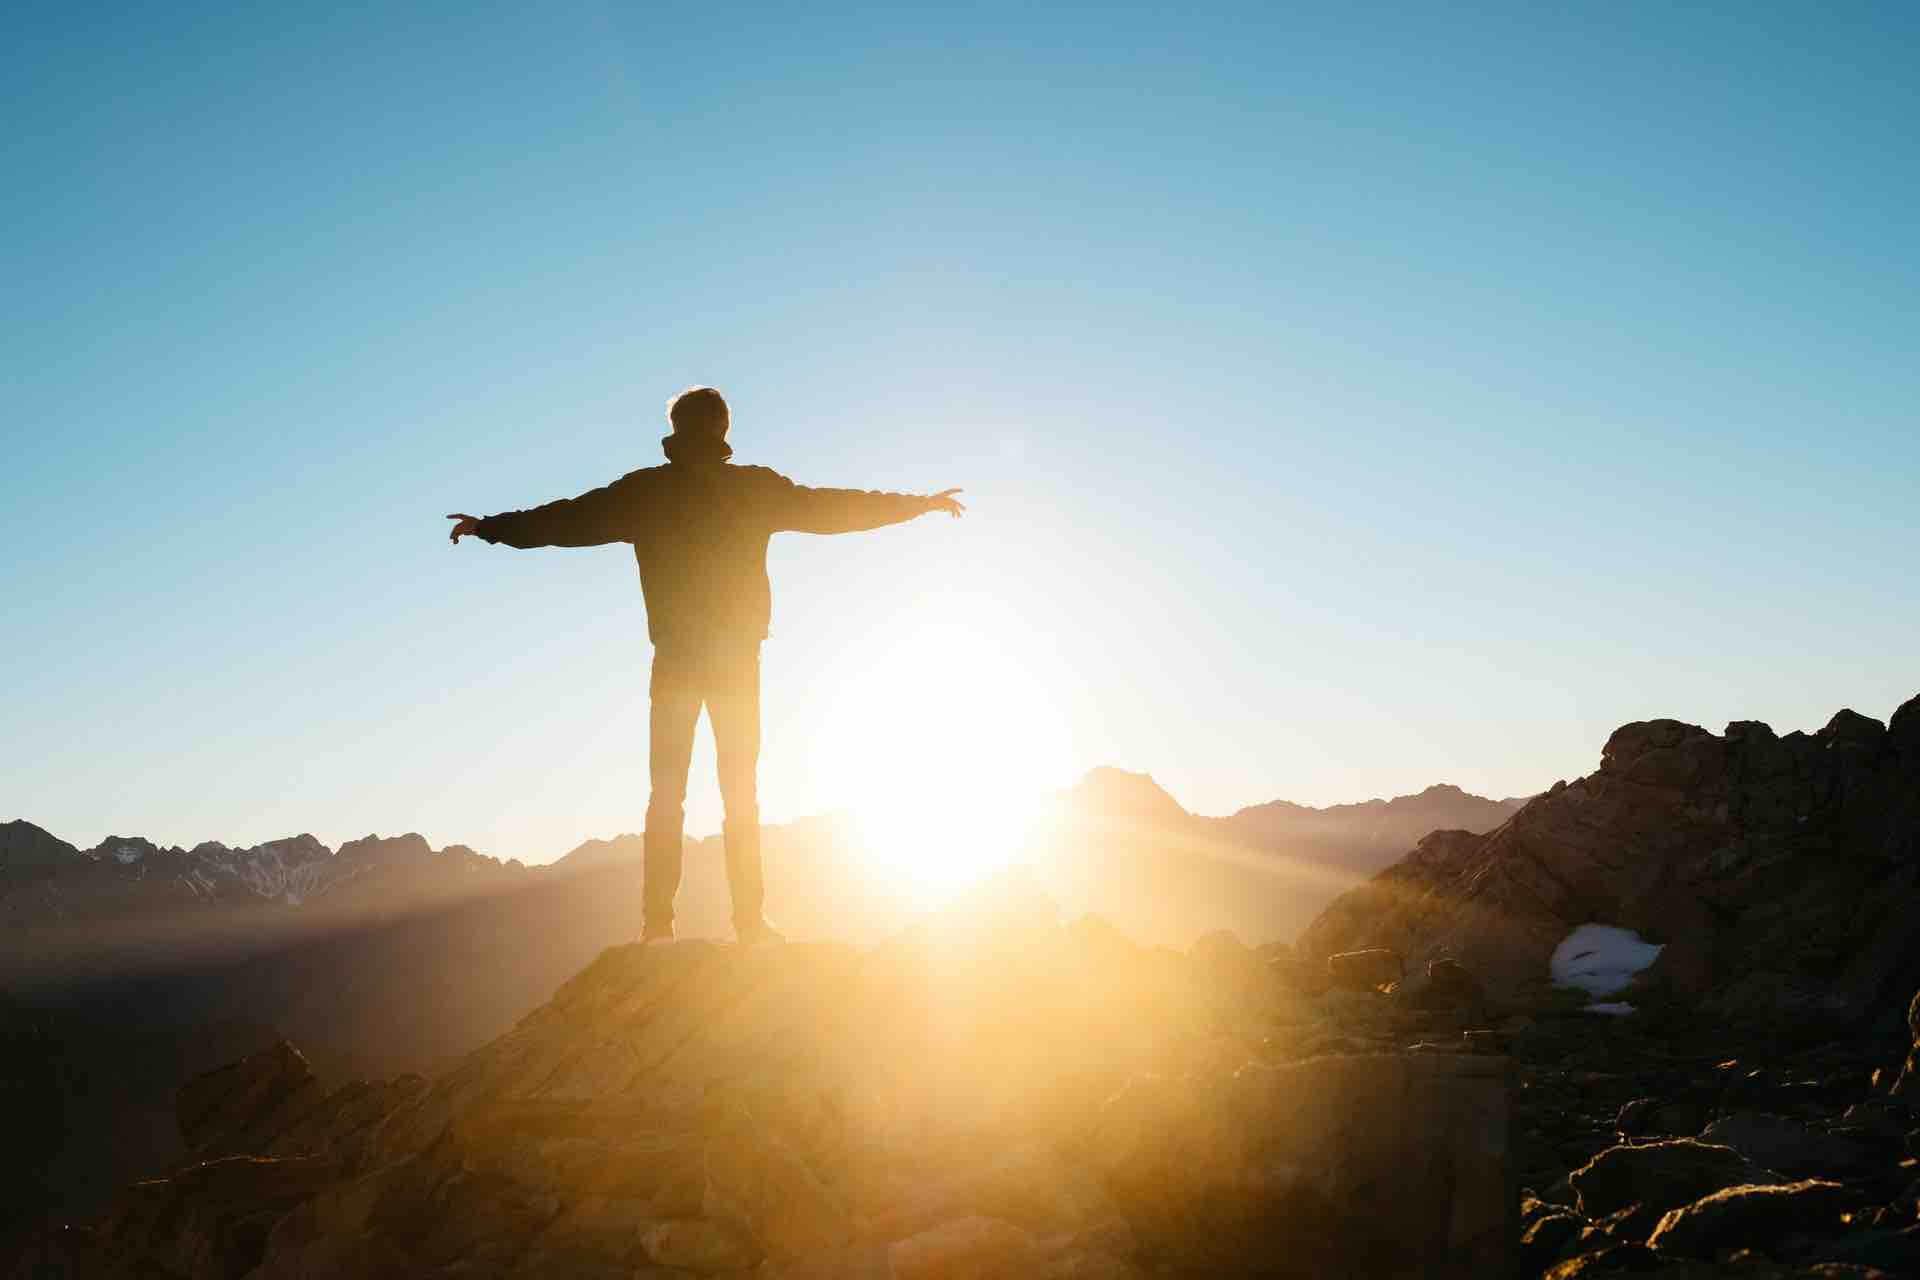 homme espoir soleil lumière montagne